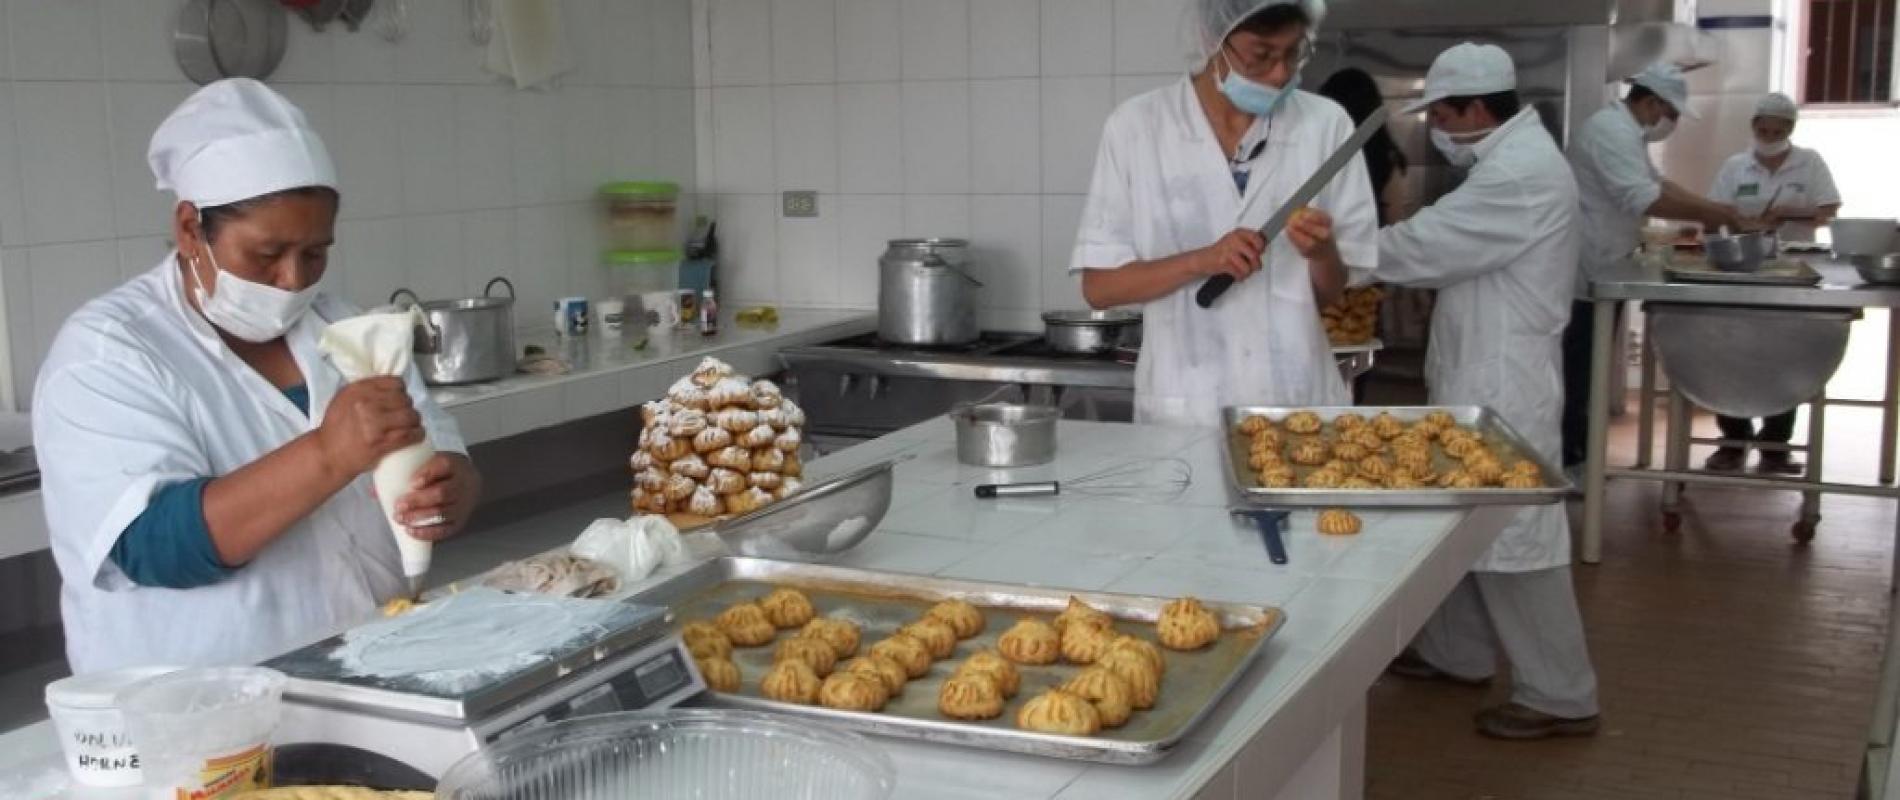 Bakery practice